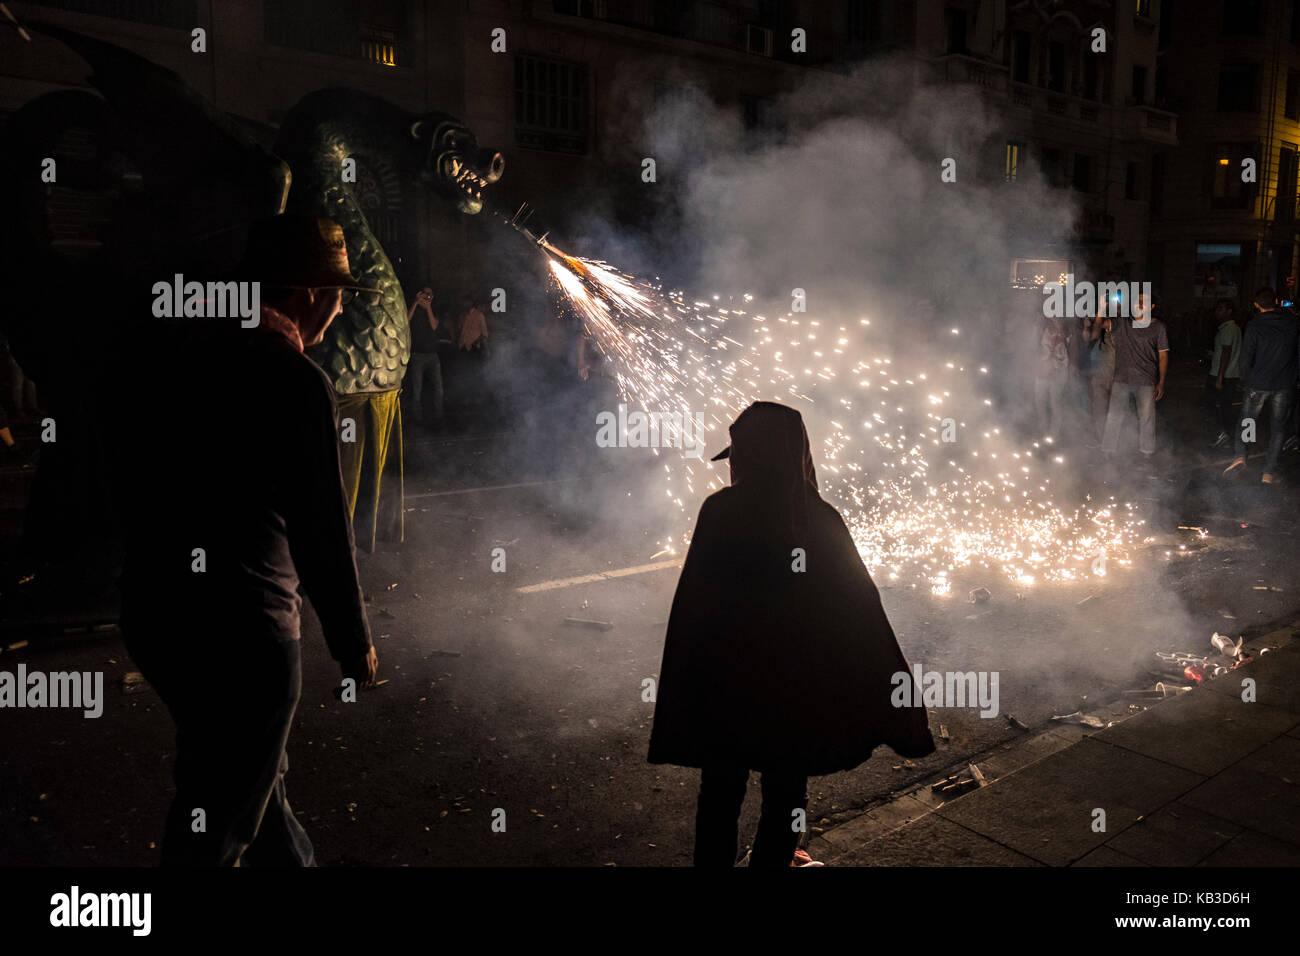 Correfocs sont parmi les plus remarquables caractéristiques présentes dans les festivals catalans. Dans le correfoc, un groupe d'individus s'habiller comme des diables. Banque D'Images